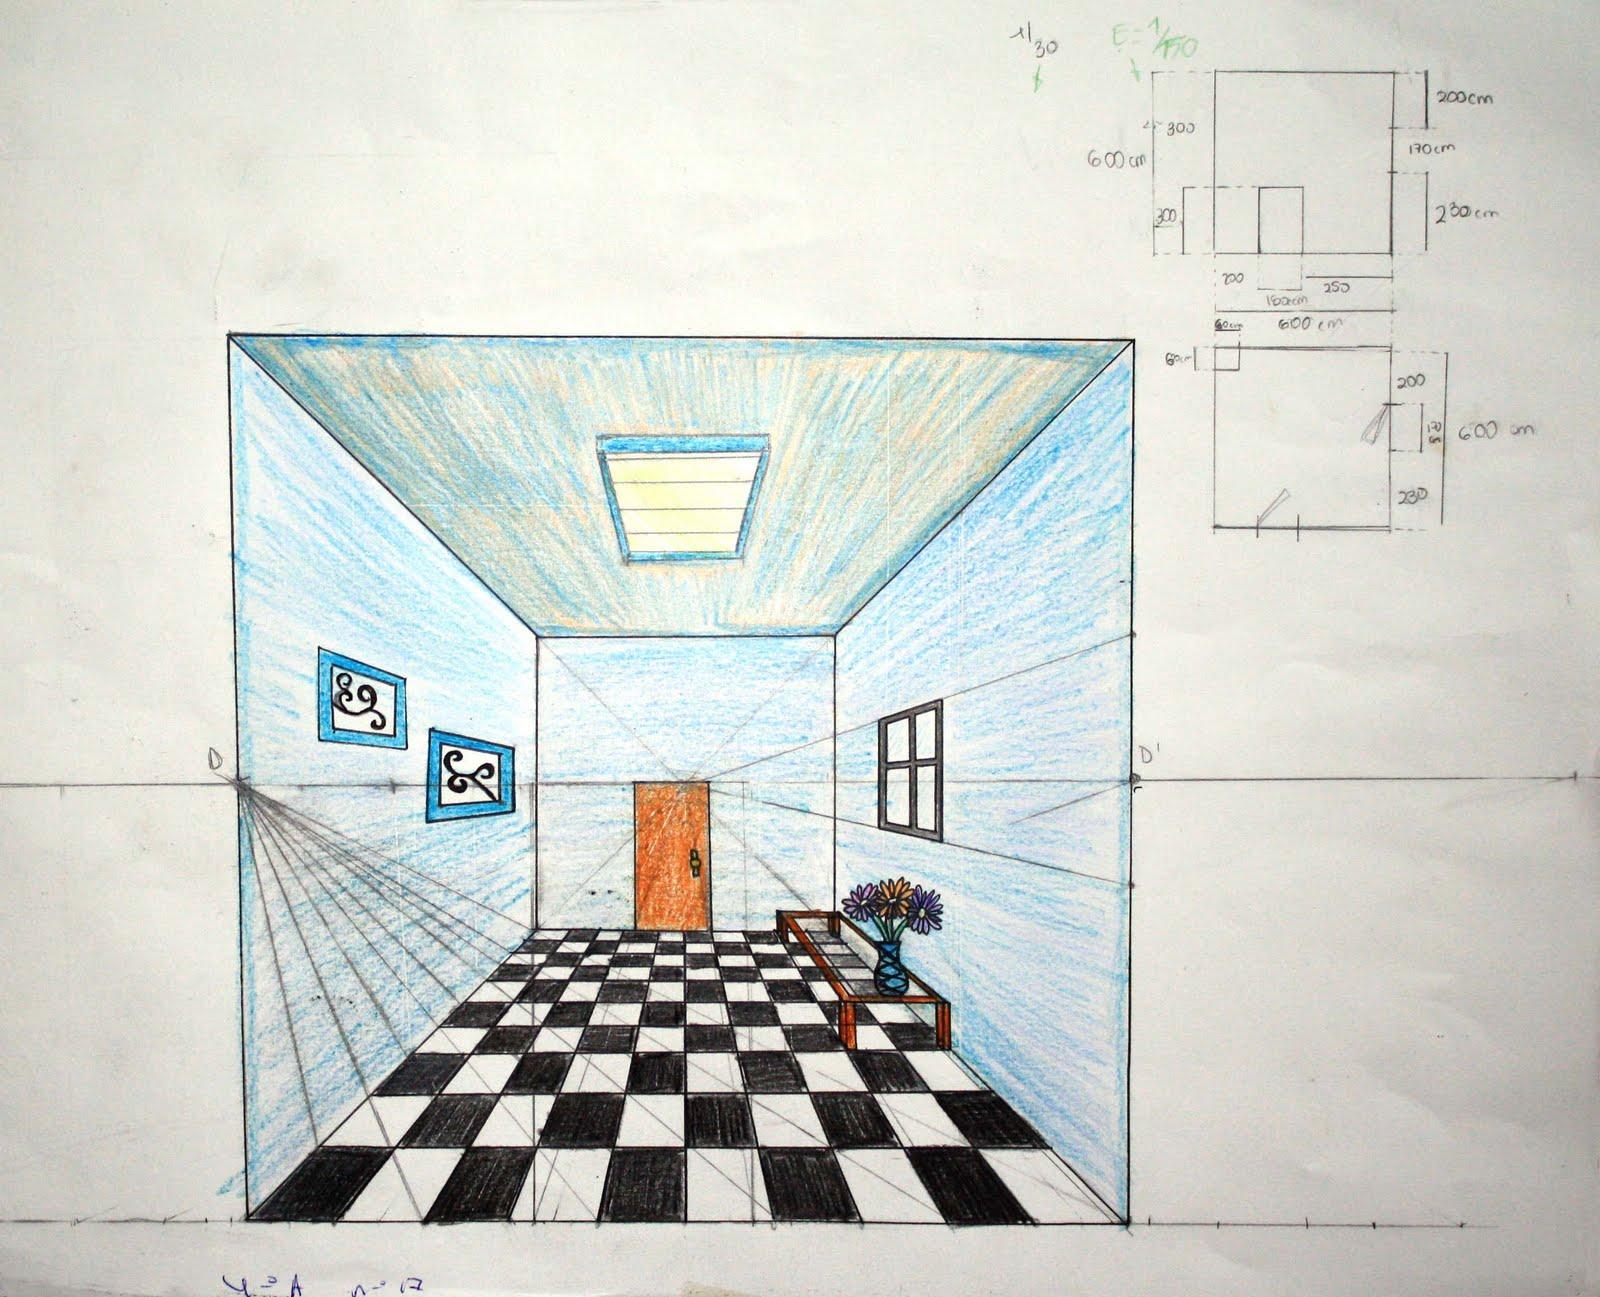 Epv colegio san jos dominicas perspectiva c nica 4 eso - Habitacion en perspectiva conica ...